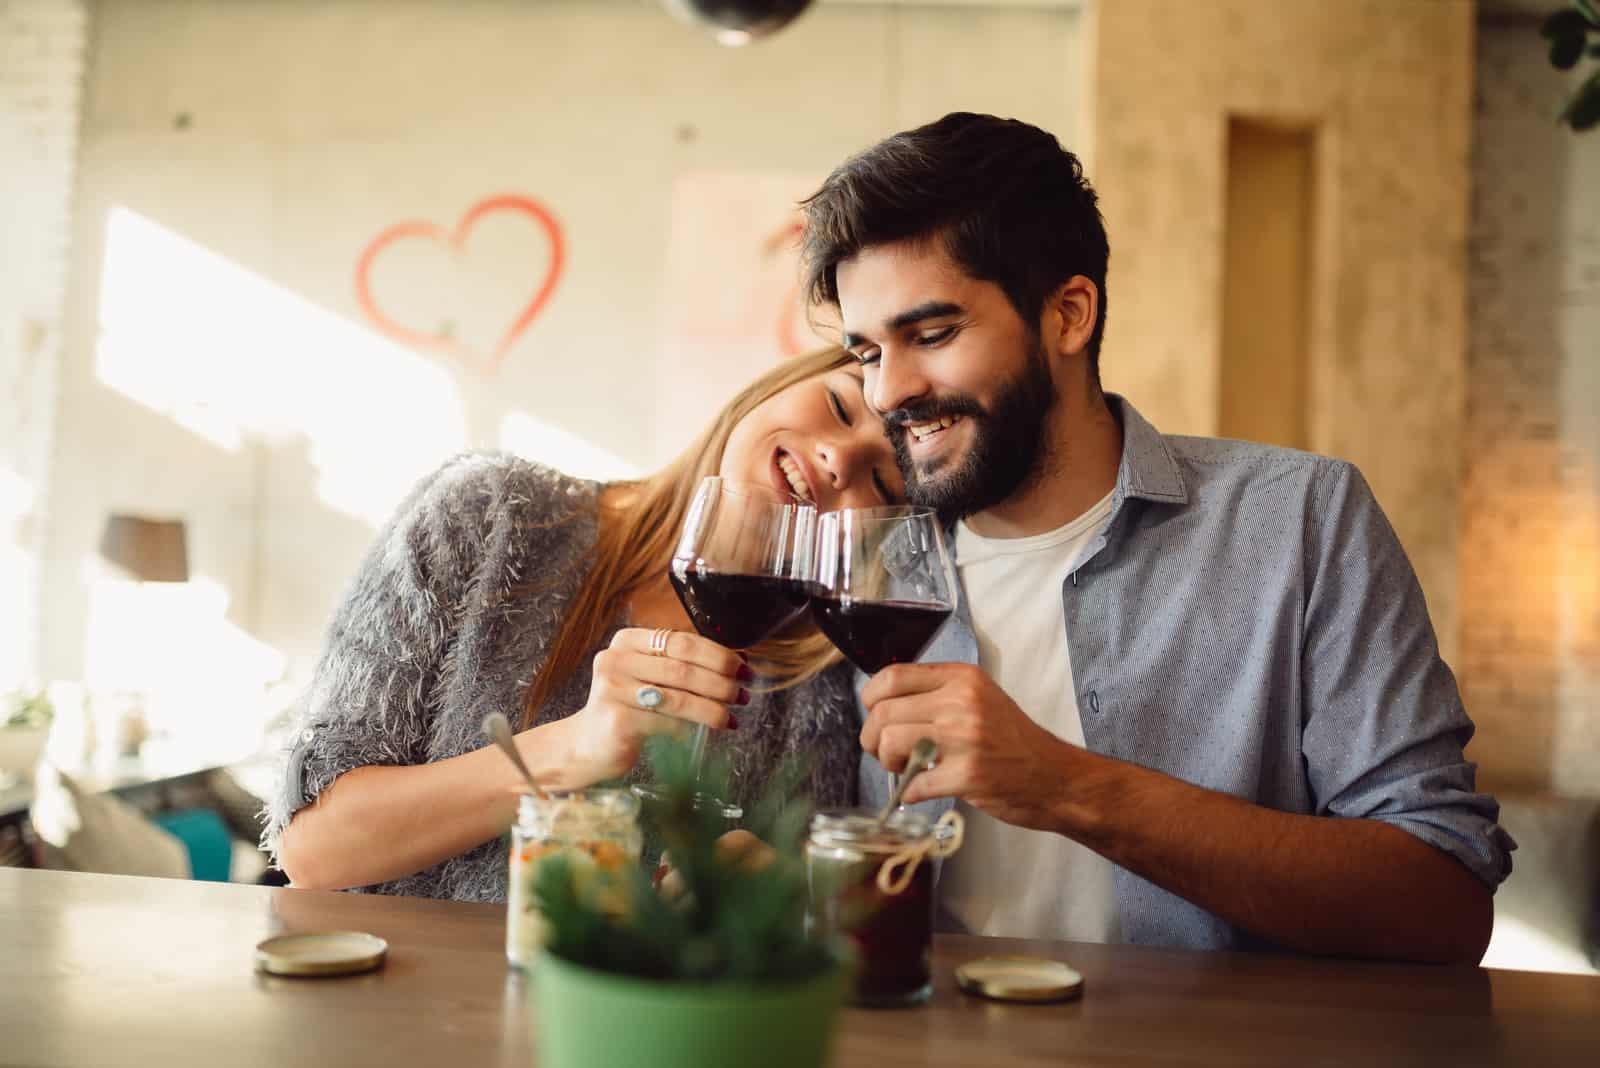 glückliches Paar an der Bar trinkt Wein